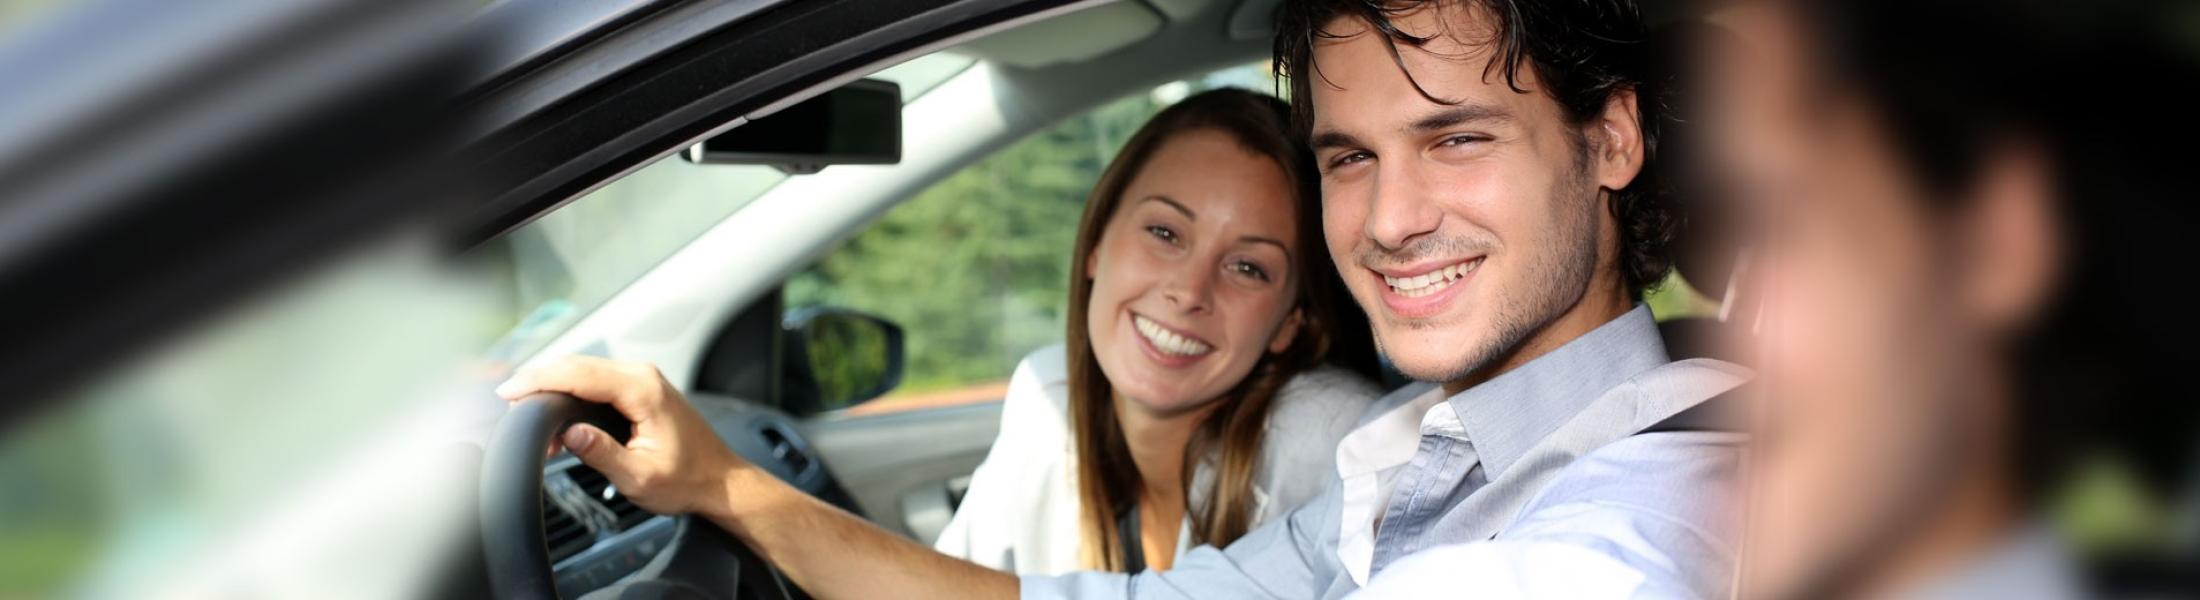 Auto Insurance Naples, FL